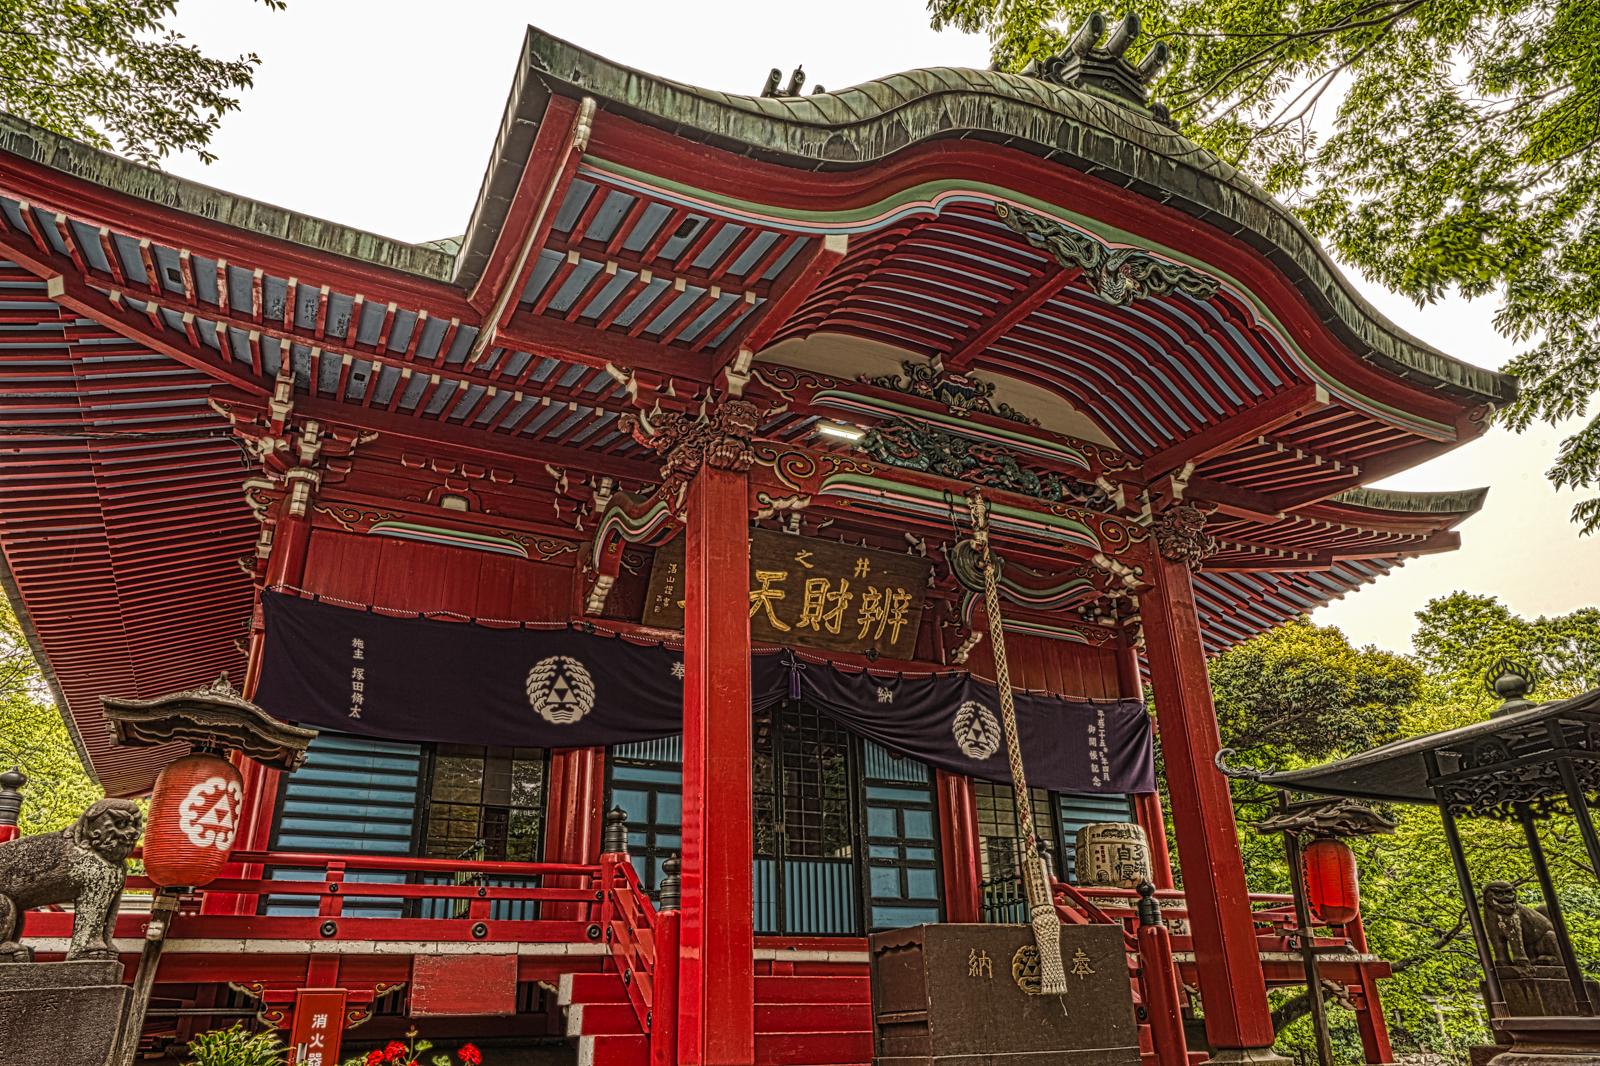 吉祥寺、井の頭恩賜公園にあるお寺、大盛寺(井の頭弁財天)のHDR写真